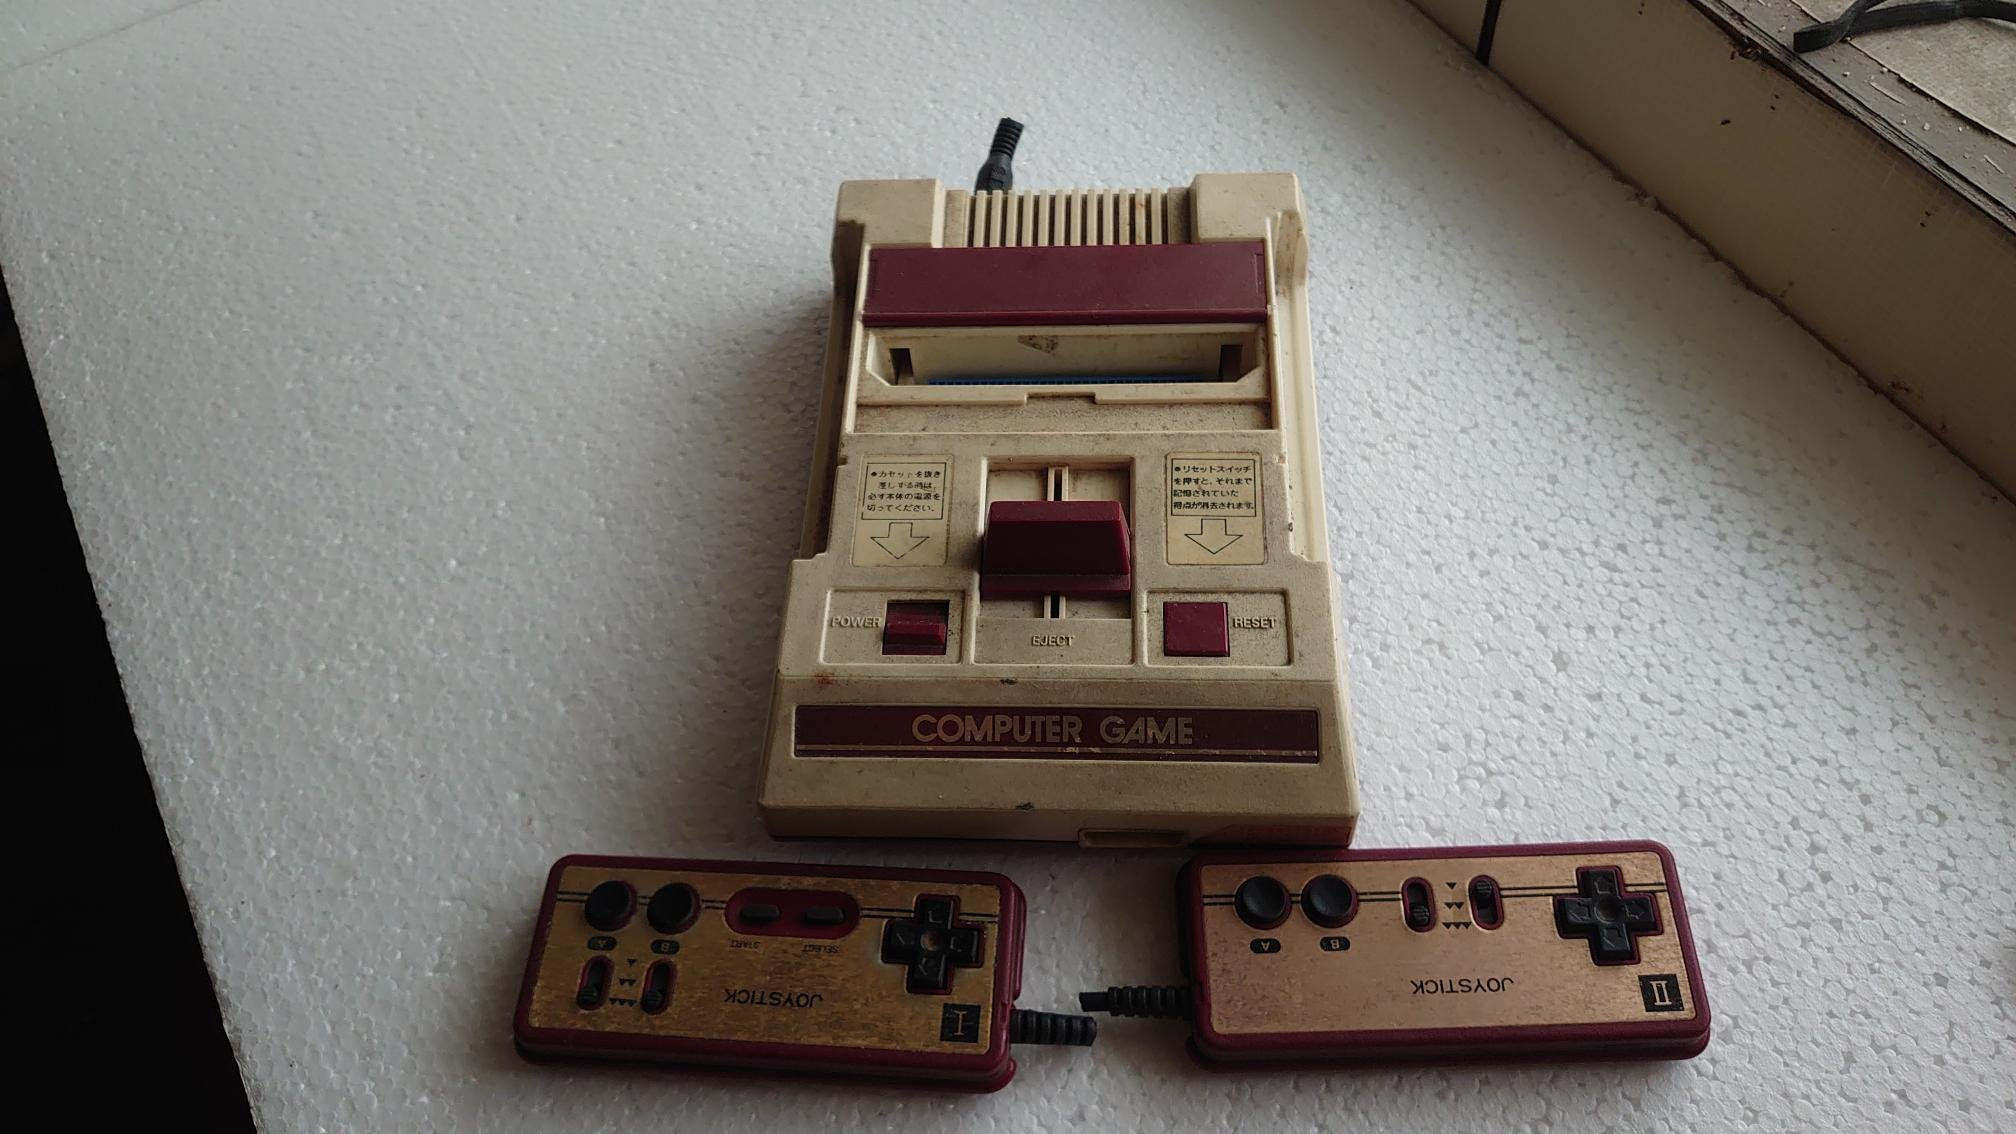 年代久遠的紅白機 (COMPUTER GAME) 老爸的遊戲機被奶奶把電線剪掉!!